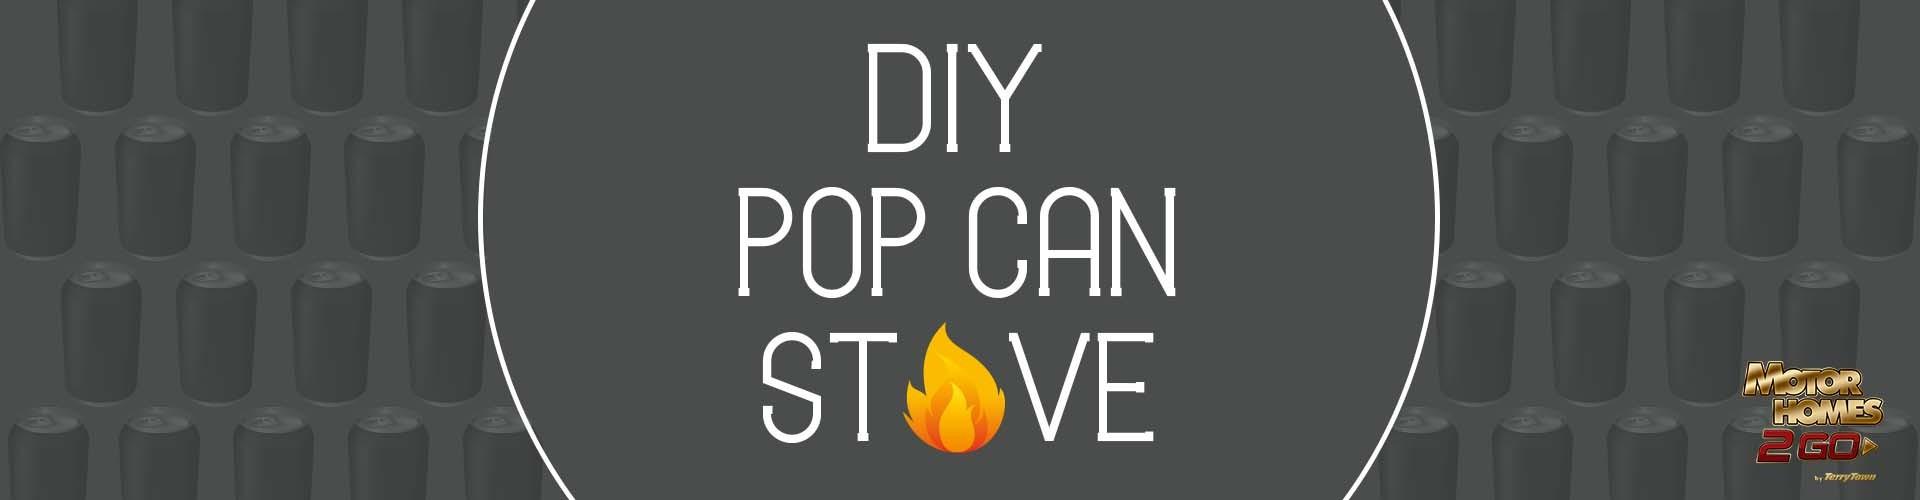 diy pop can stove